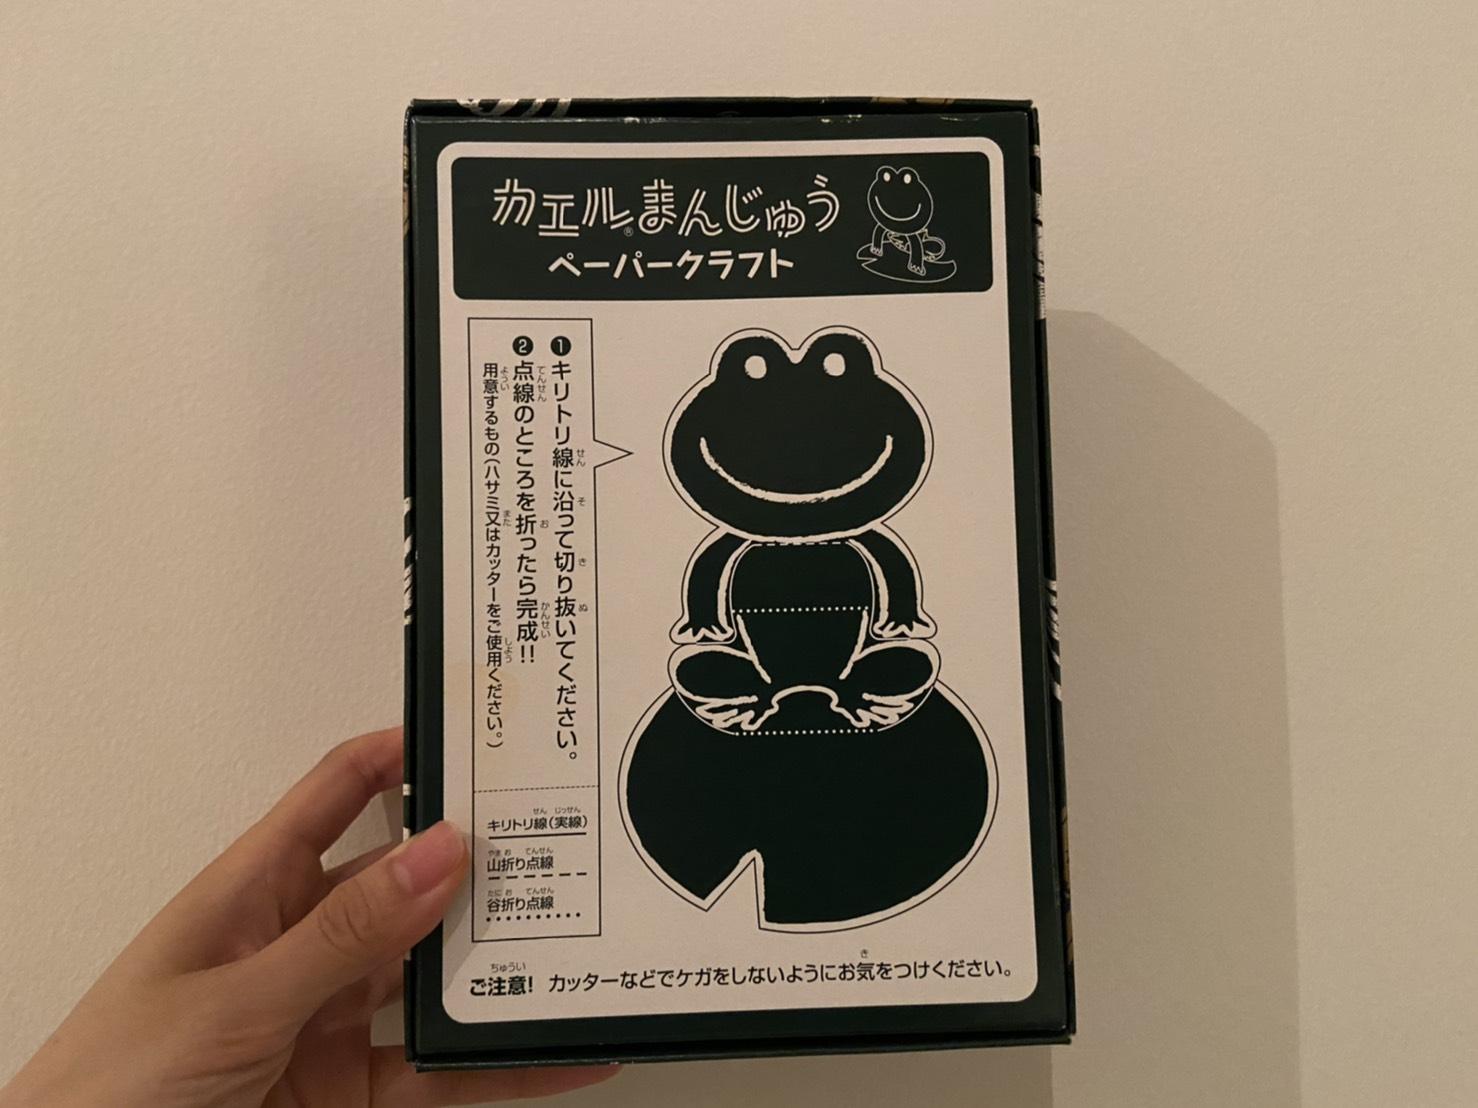 【和菓子の日】名古屋人なら皆歌える!?美味しくて可愛い隠れ名物!【限定抹茶味】_5